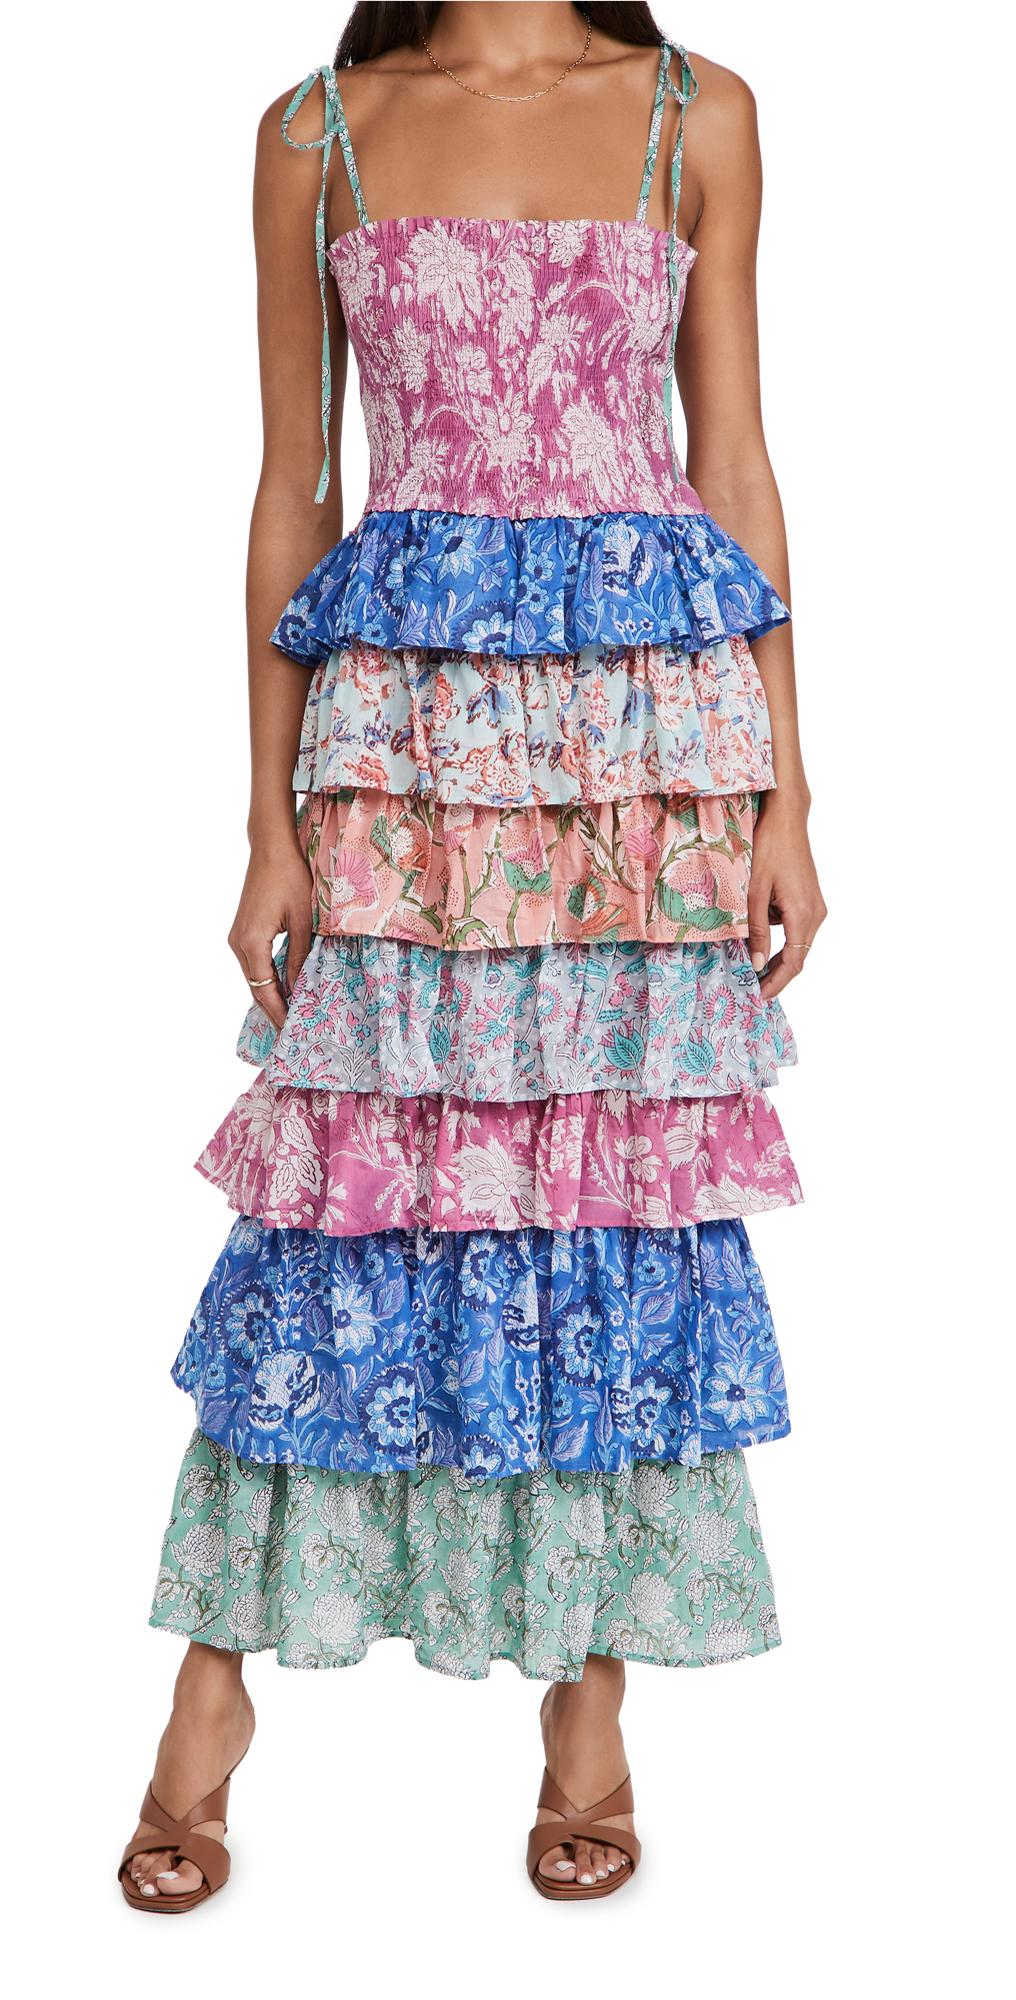 Alix of Bohemia Sweet Jane Tiered Ruffle Dress